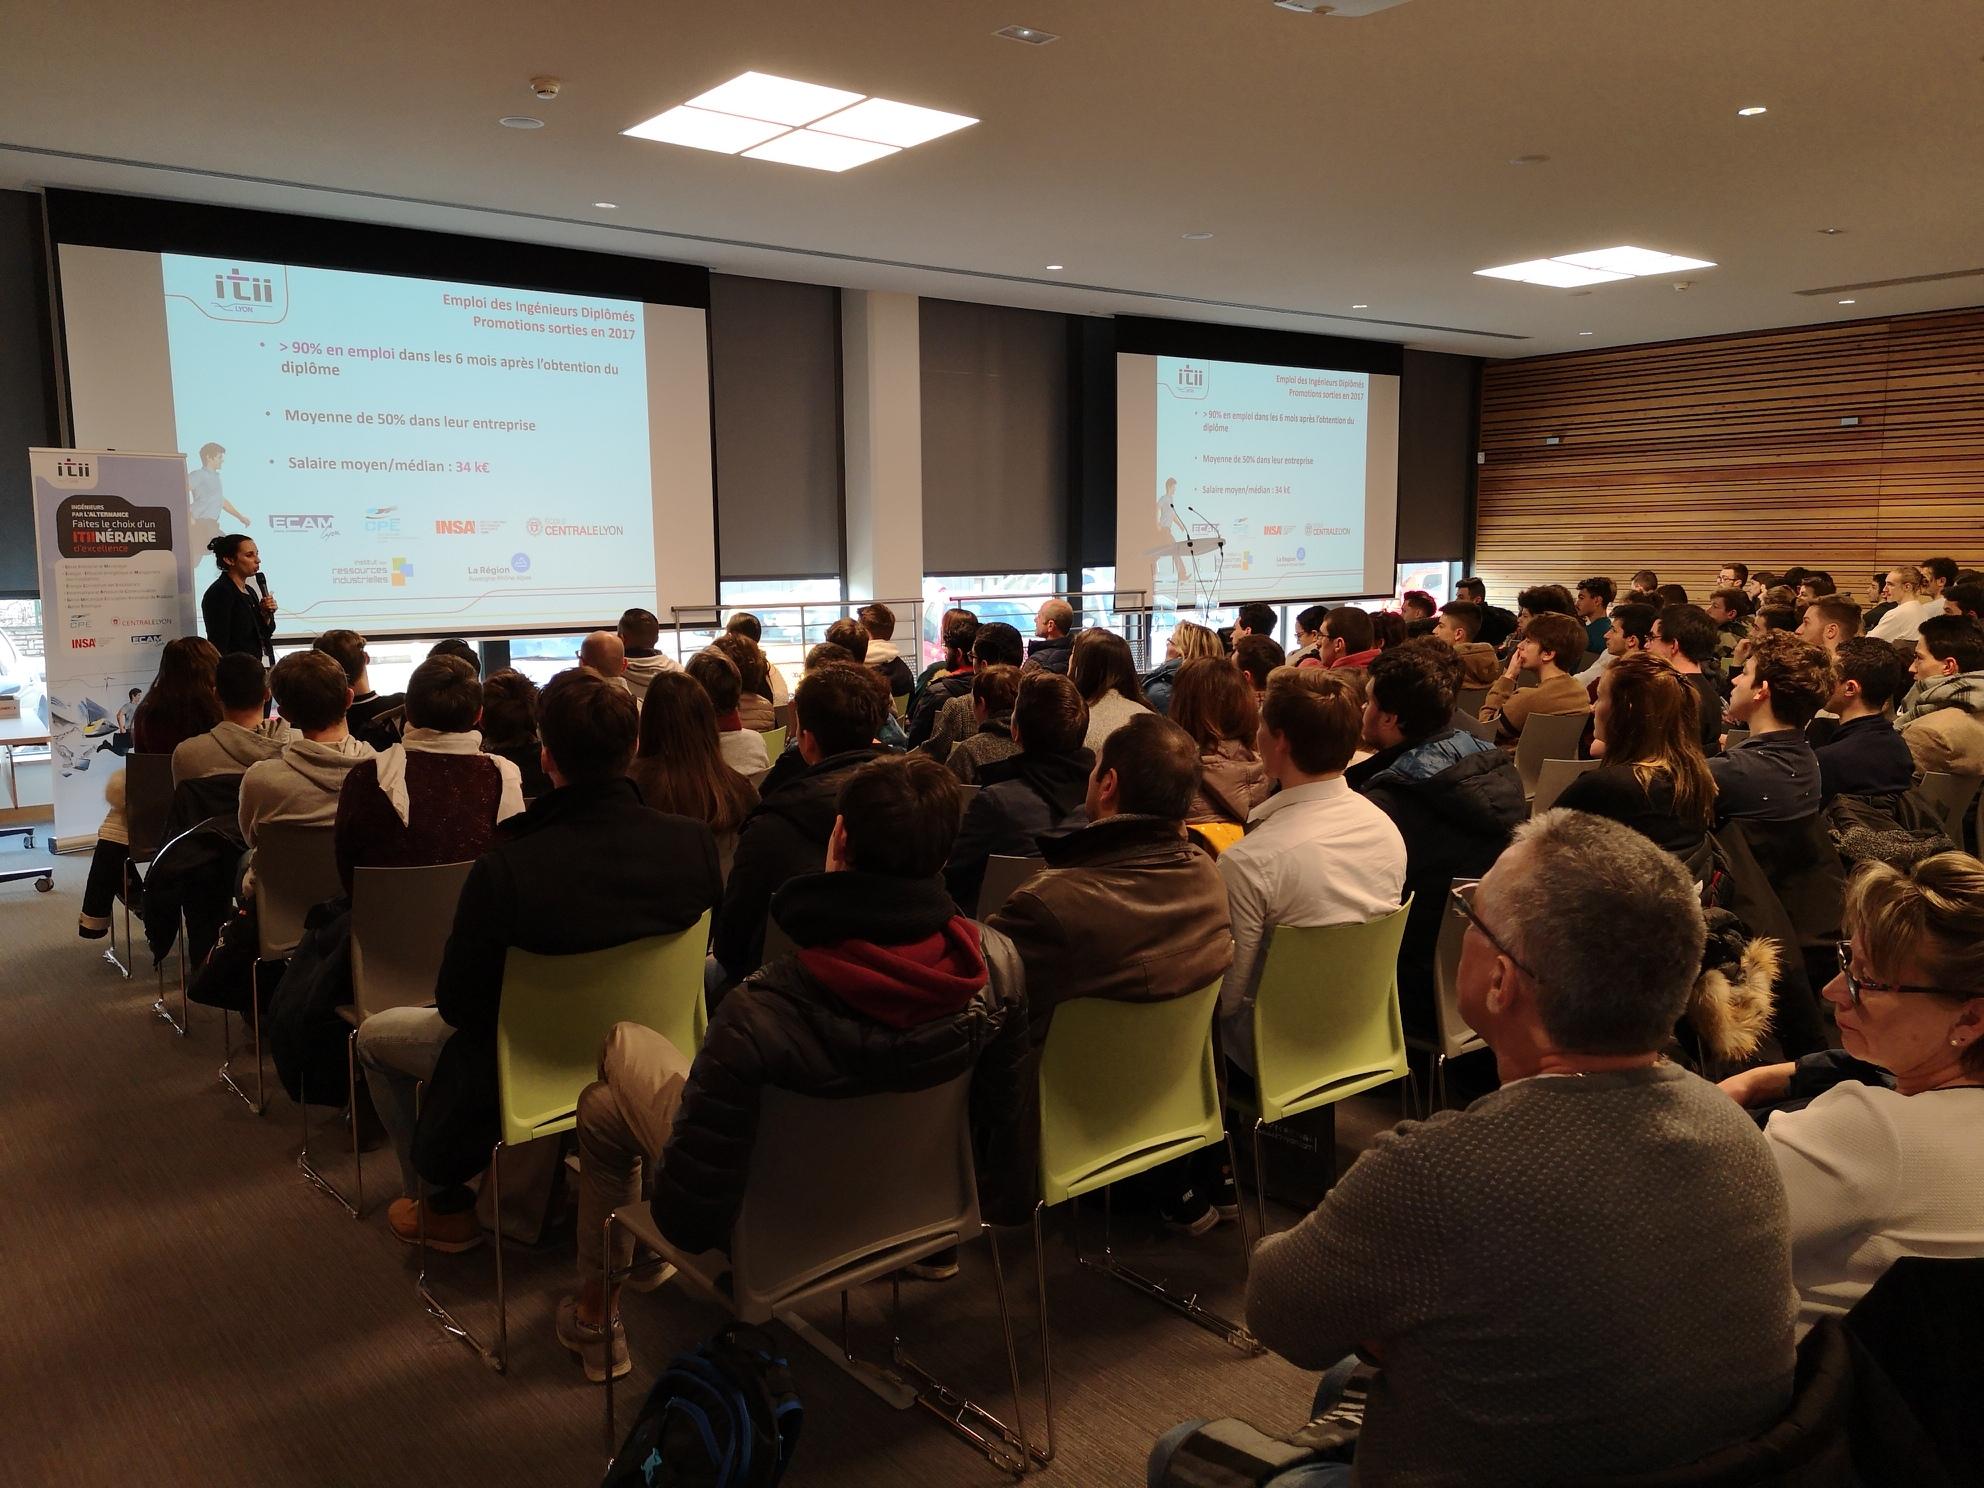 Accès à l'article Les réunions d'information sur les formations d'ingénieurs en alternance proposées par l'ITII de Lyon remportent un grand succès !